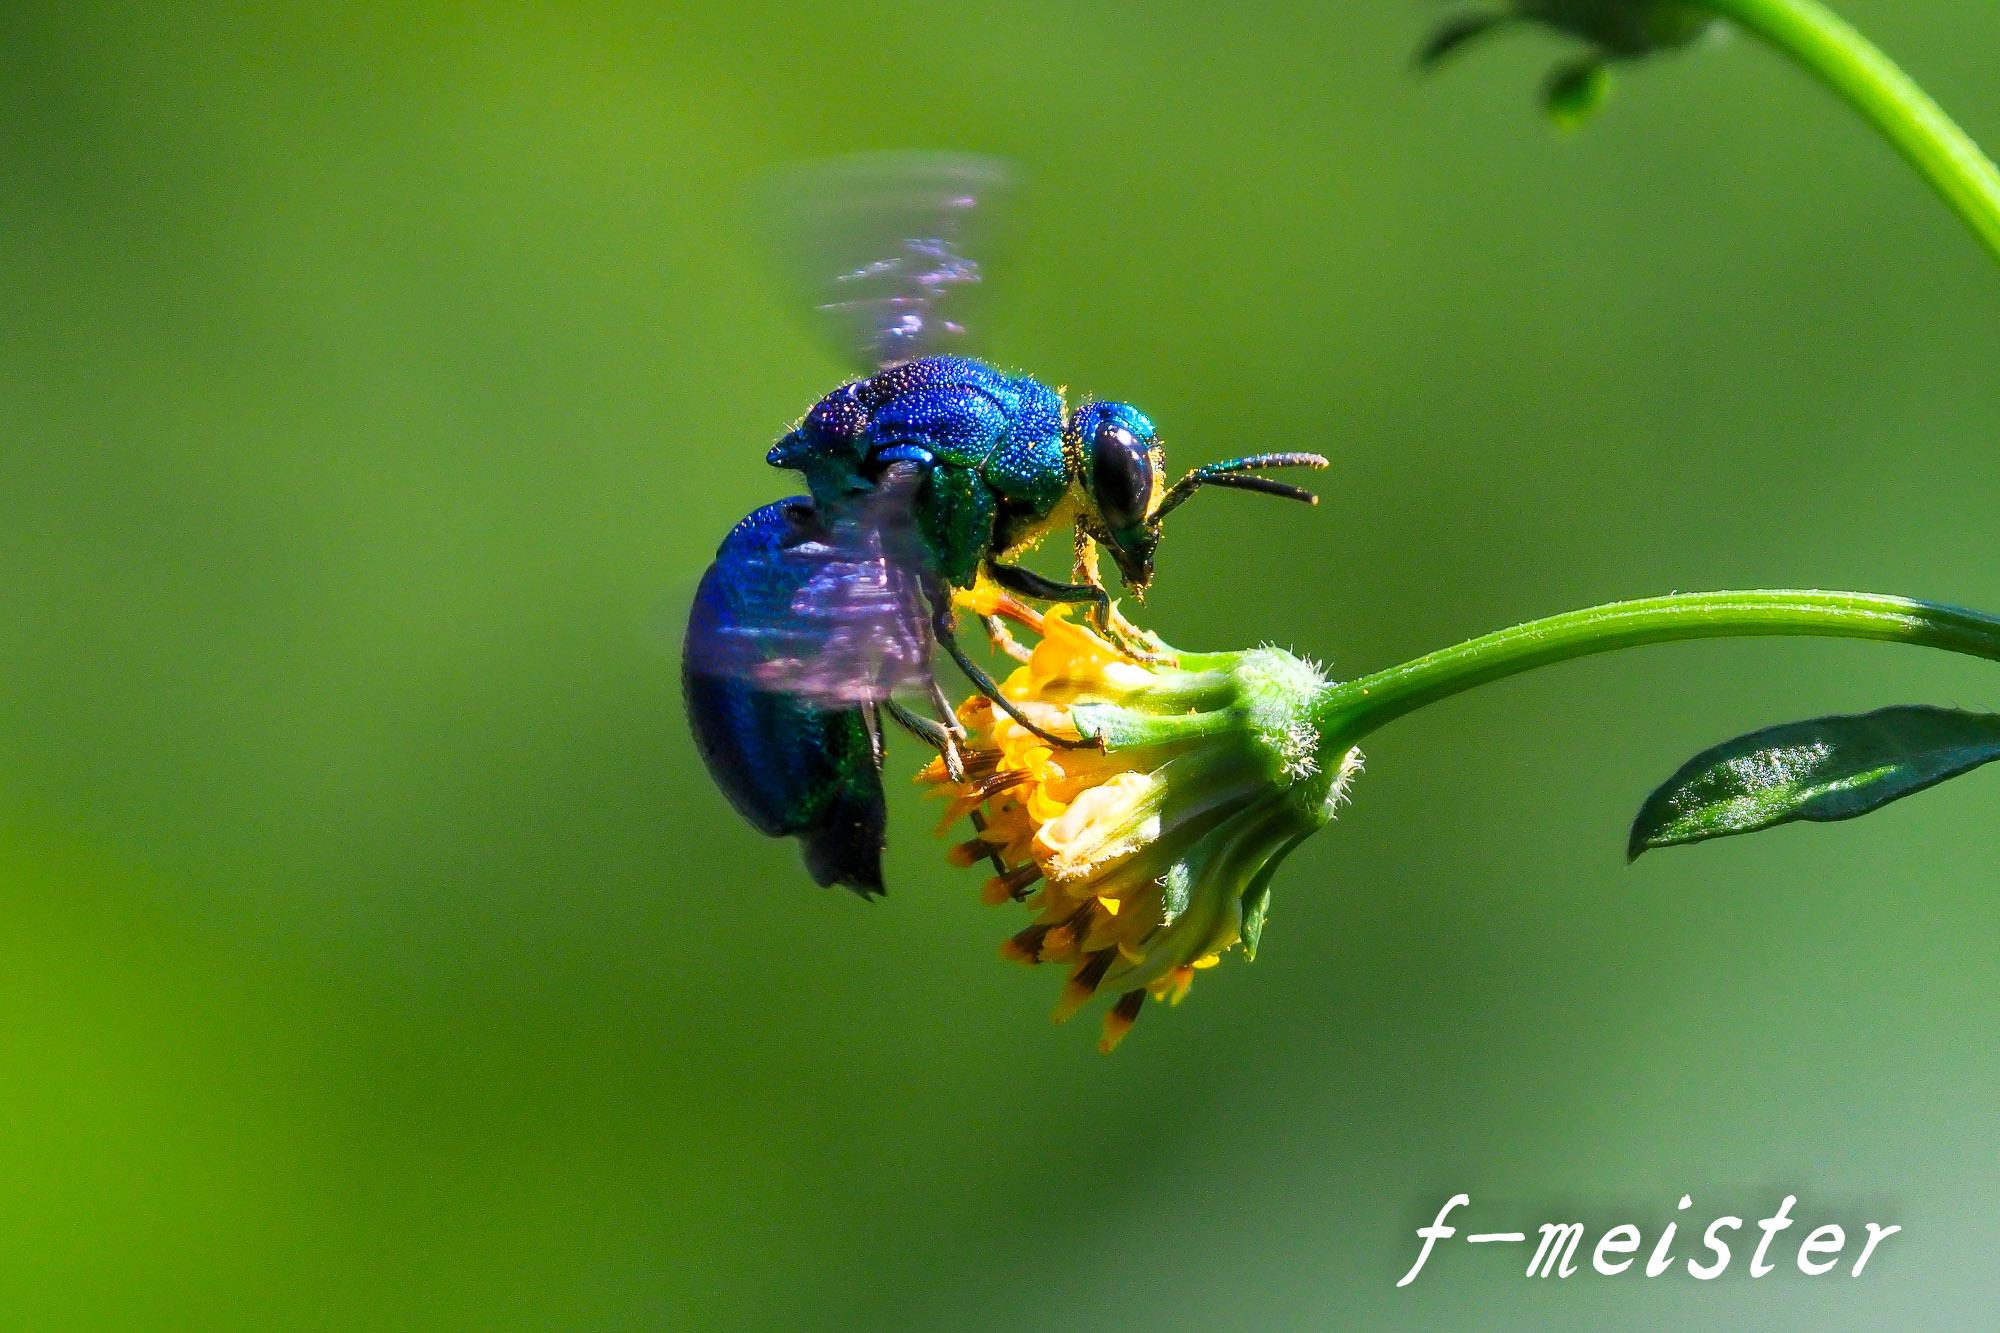 とある公園の幸せを呼ぶ青い蜂??????(2017年9月29日)_d0359405_20440556.jpg